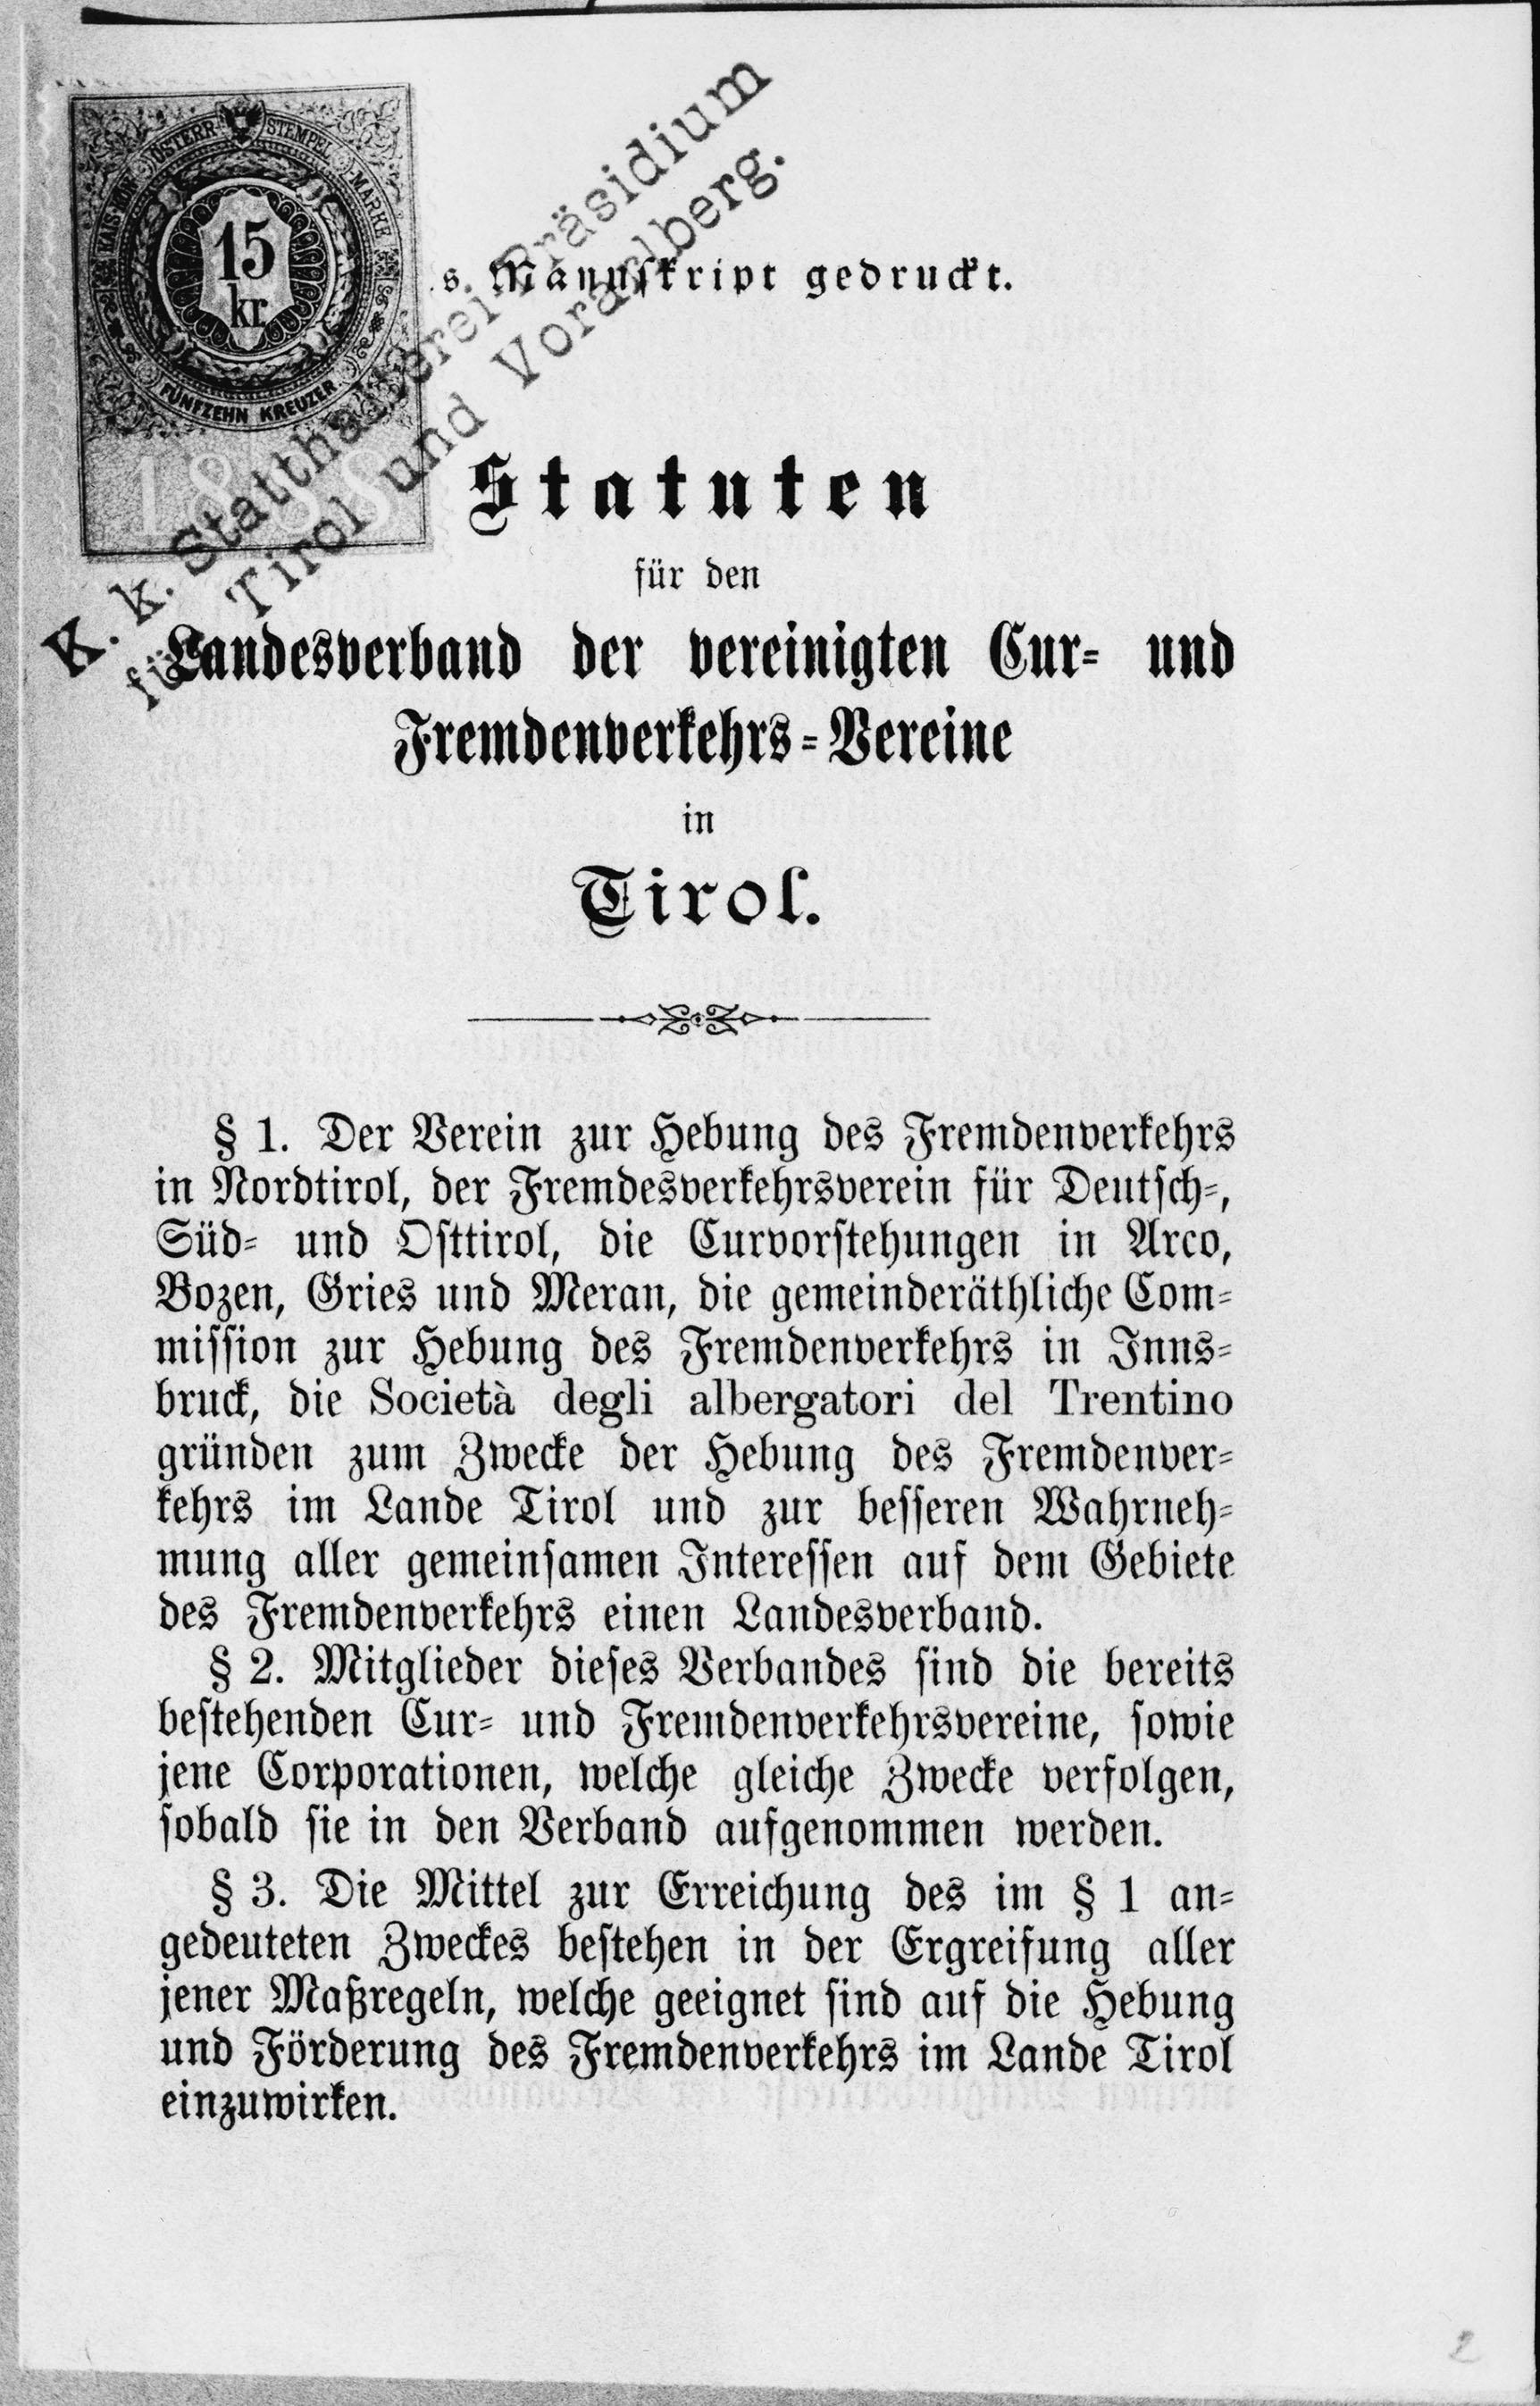 """Statuten """"Landesverband der vereinigten Kur- und Fremdenverkehrsbetriebe in Tirol"""""""